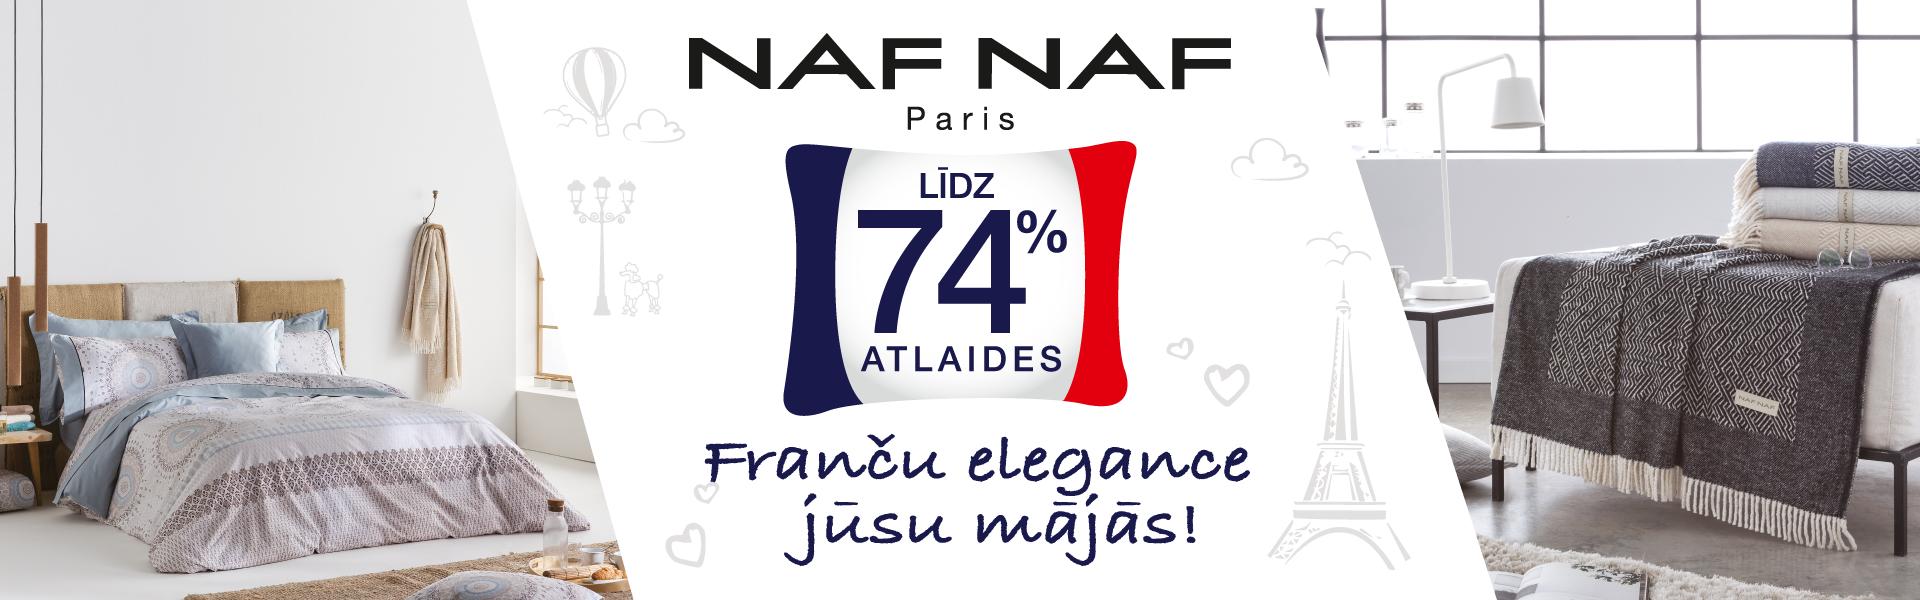 naf-naf_www_lv_1920x600_jusu_6-07